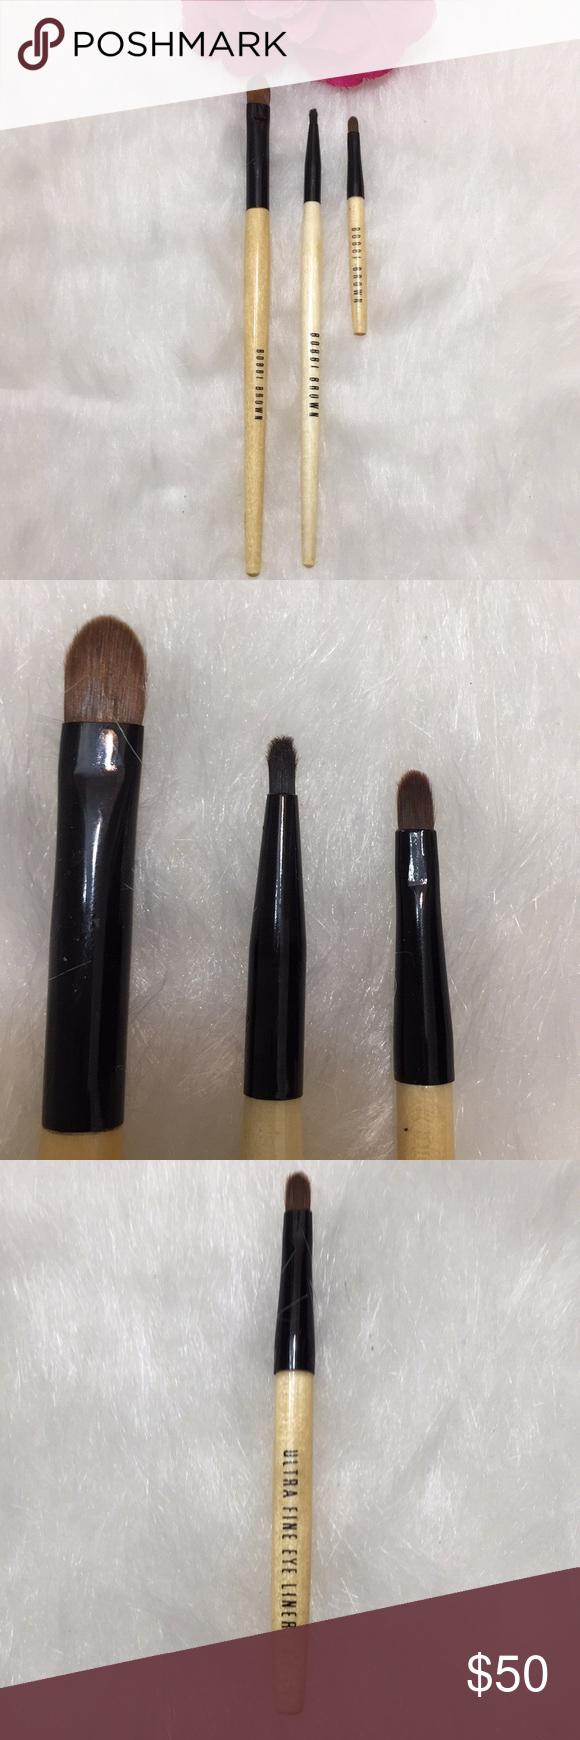 Bobbi Brown Makeup Brushes in 2020 (With images) Bobbi